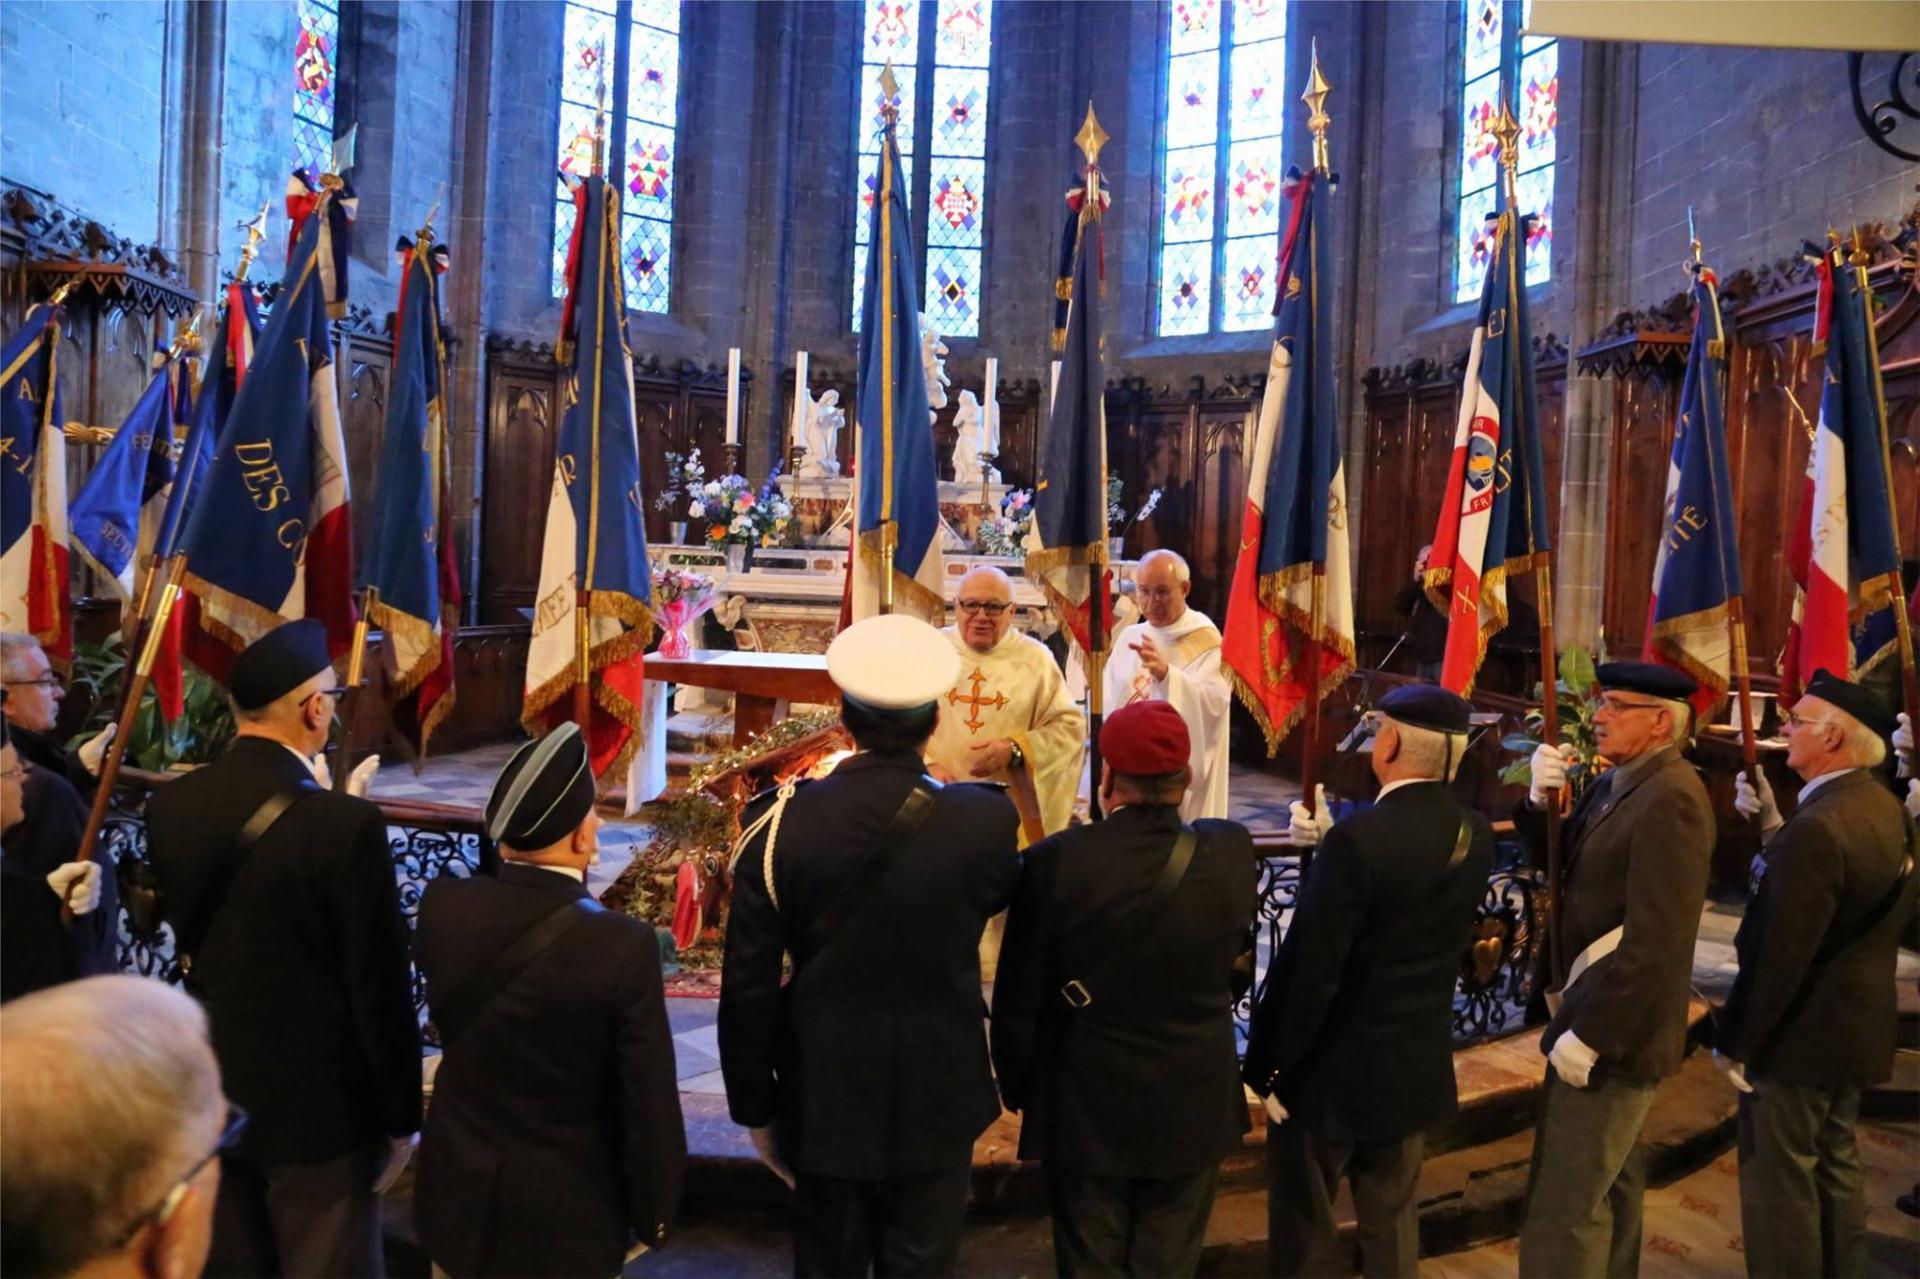 Porte-Drapeaux pendant la messe